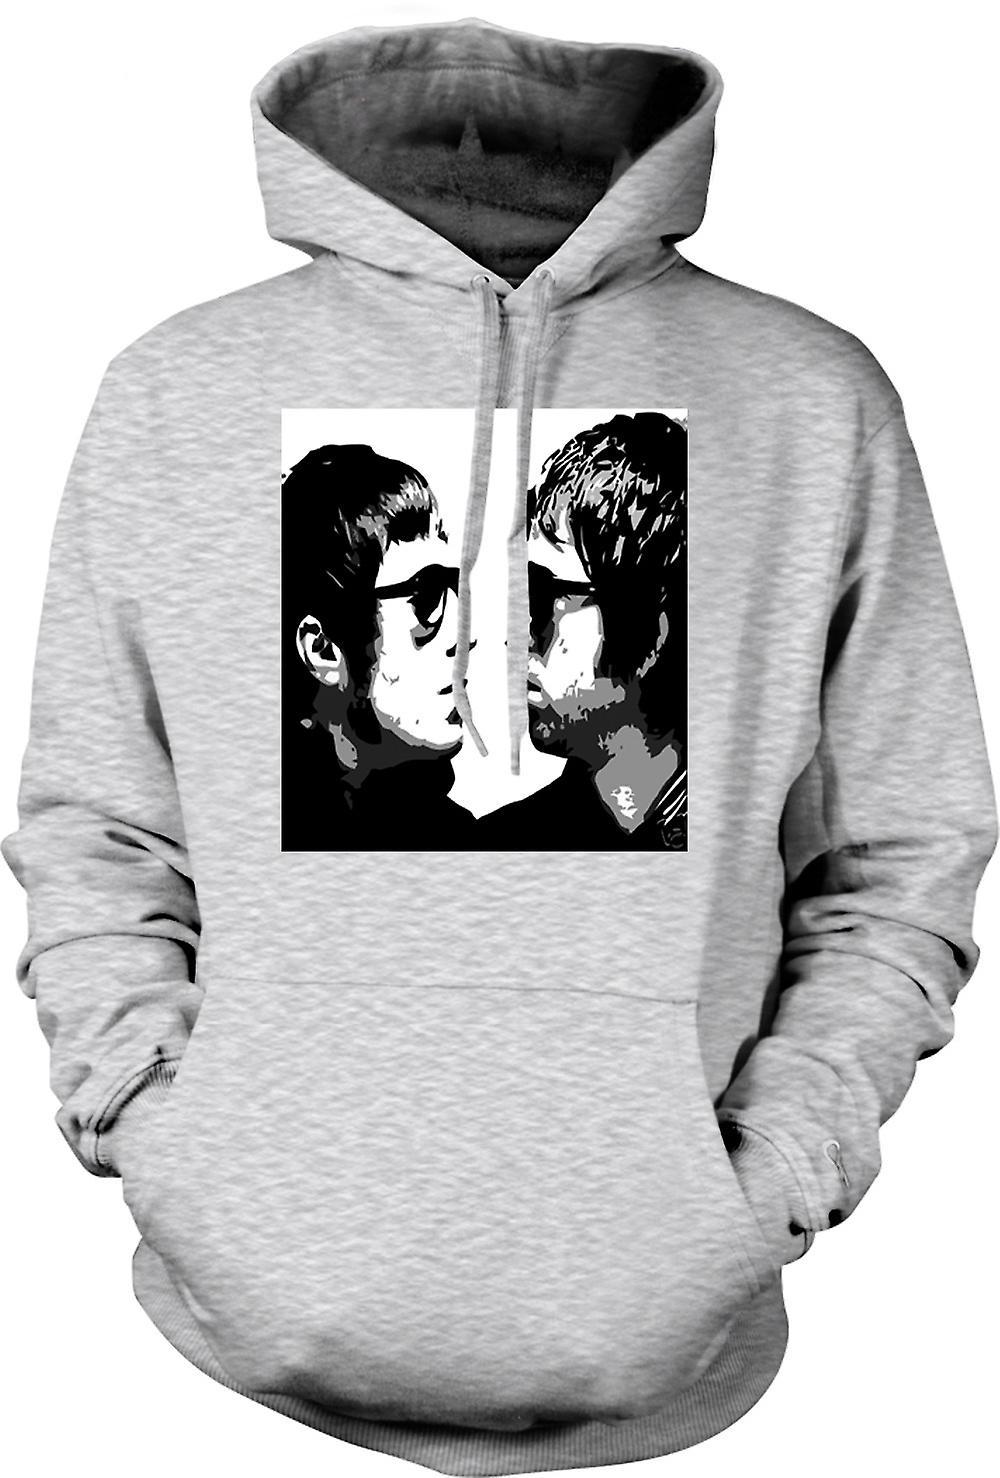 Para hombre con capucha - Liam y Noel - Oasis